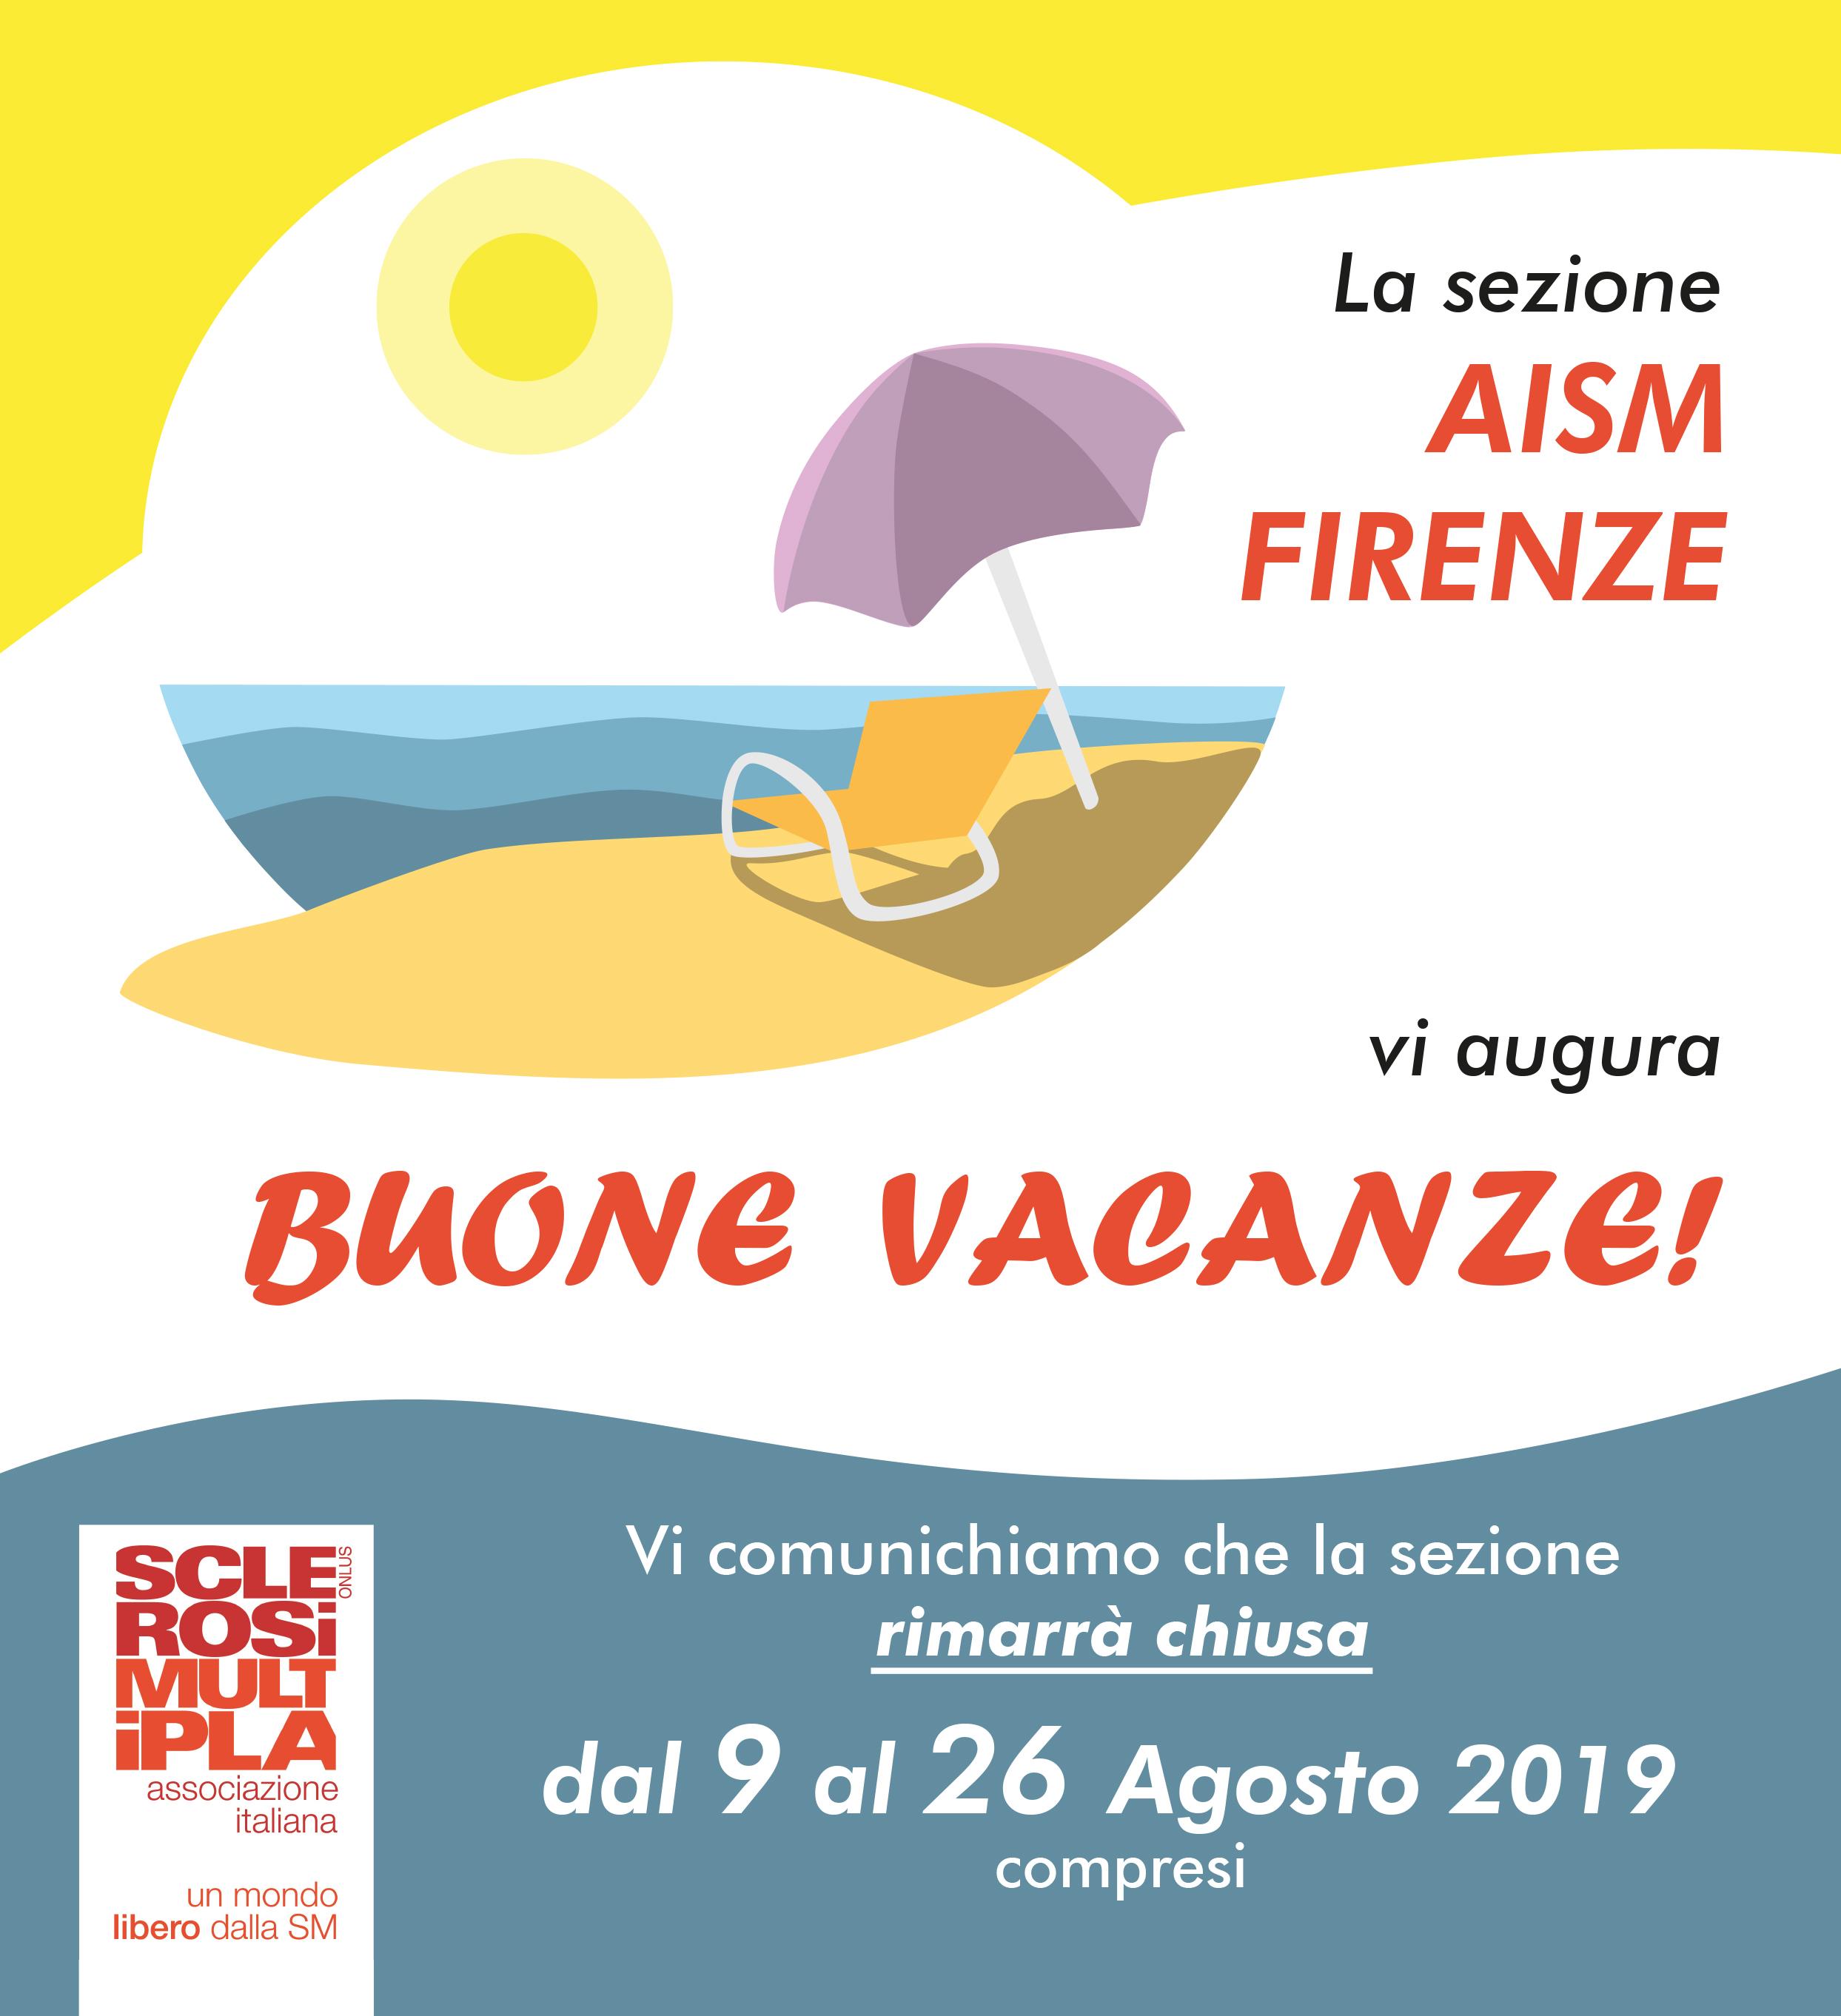 La sezione AISM di Firenze chiude dal 9 al 26 agosto. In settembre riprenderanno attività ed incontri